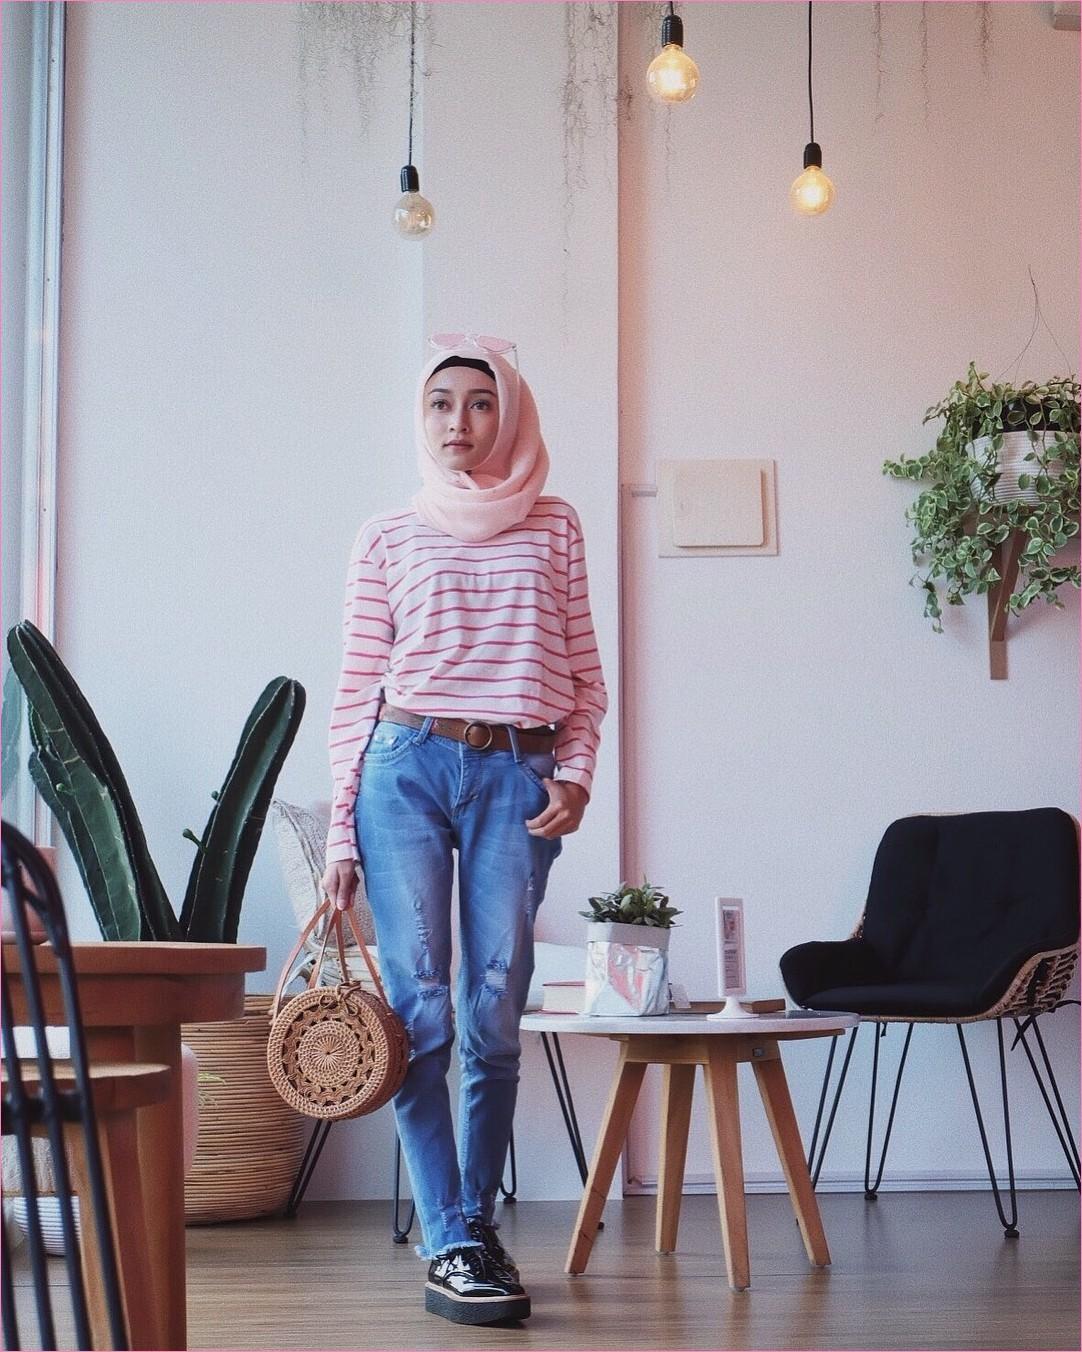 Outfit Celana Jeans Untuk Hijabers Ala Selebgram 2018 t-shirt panjang mangset stripe pink tua putih slingbag rotan kacamata kerudung segiempat hijab square pink muda pants jeans denim kets sneakers hitam ikat pinggang ootd trendy